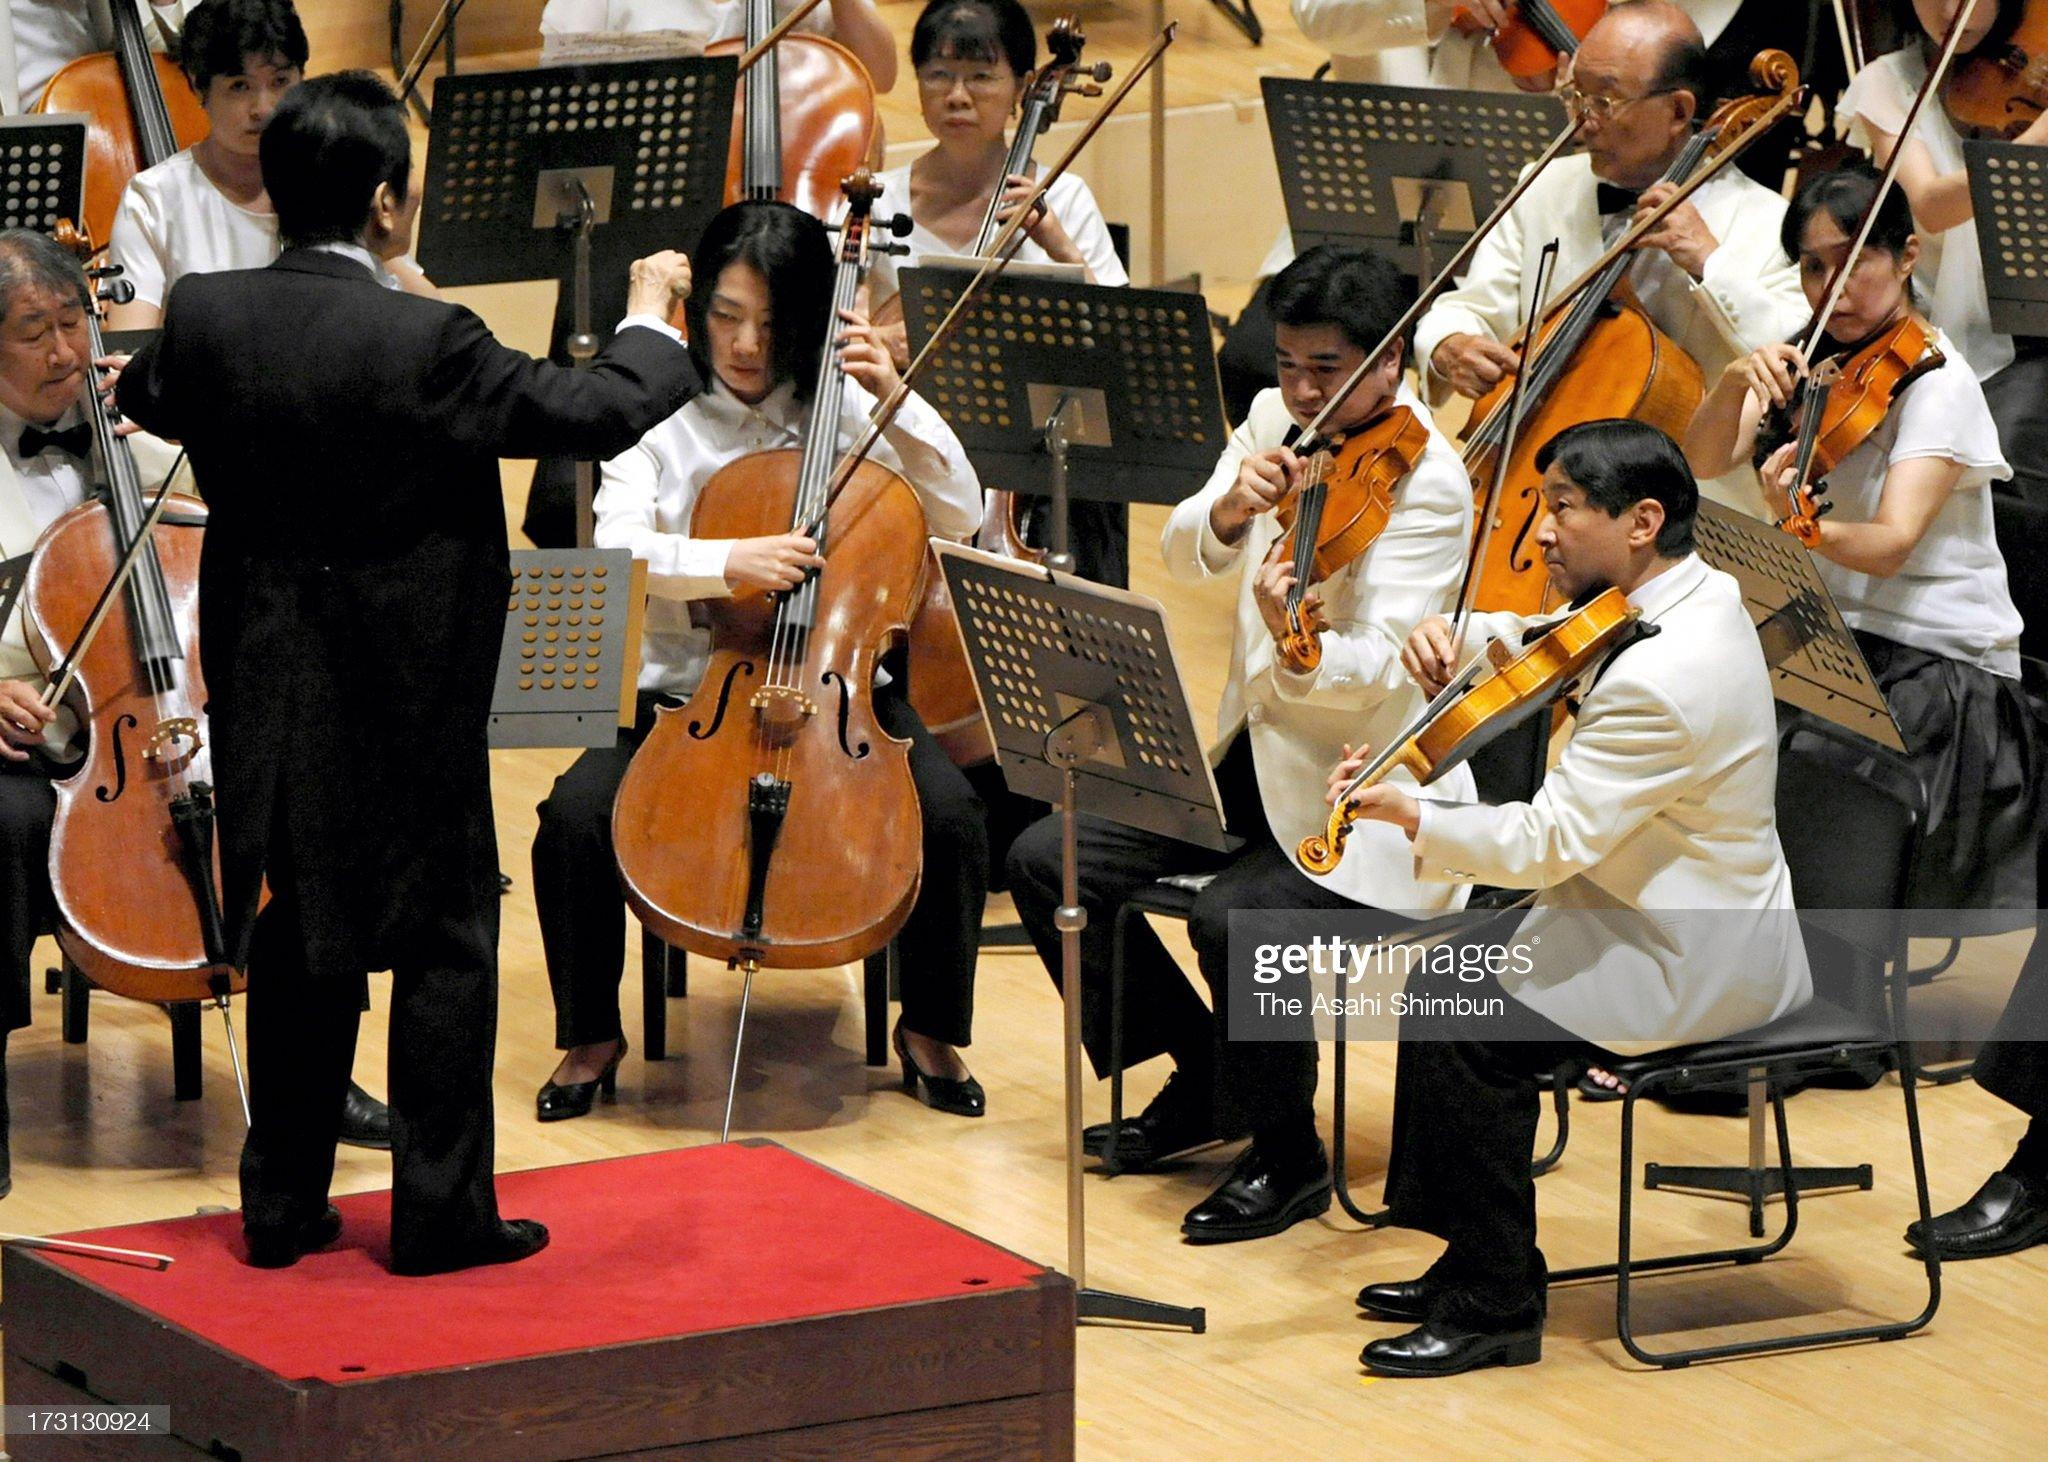 crown-prince-naruhito-plays-a-viola-made